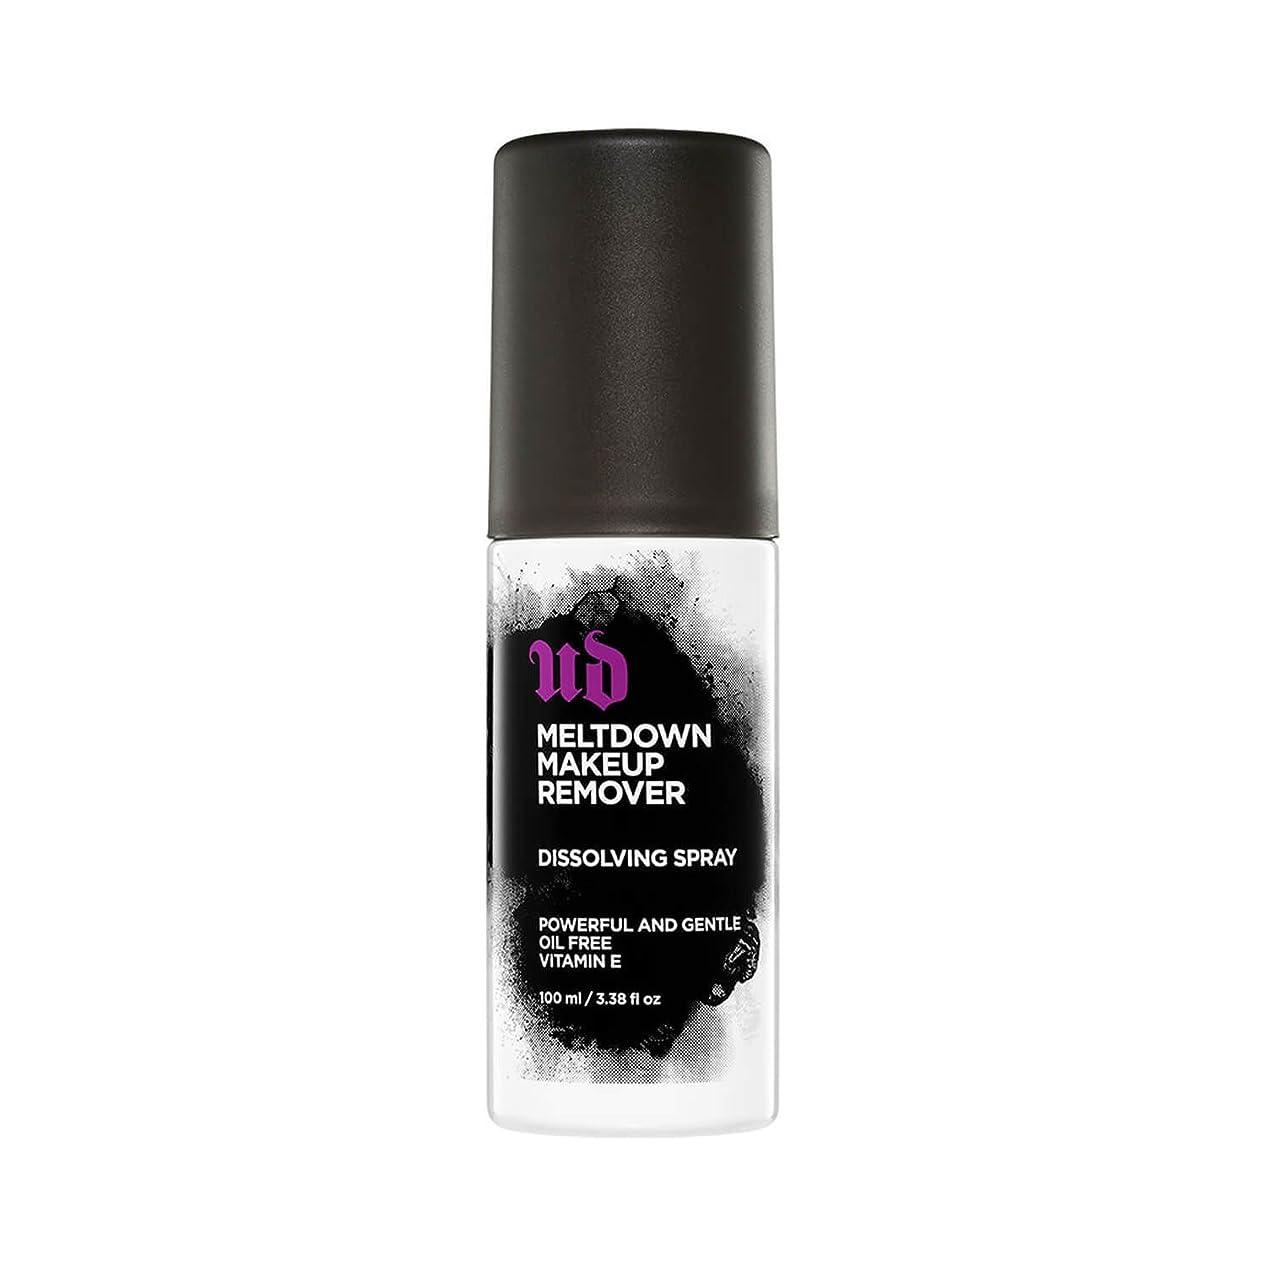 お世話になったパッケージプレゼンターアーバンディケイ Melt Down Make Up Remover - Dissolving Spray 100ml/3.38oz並行輸入品